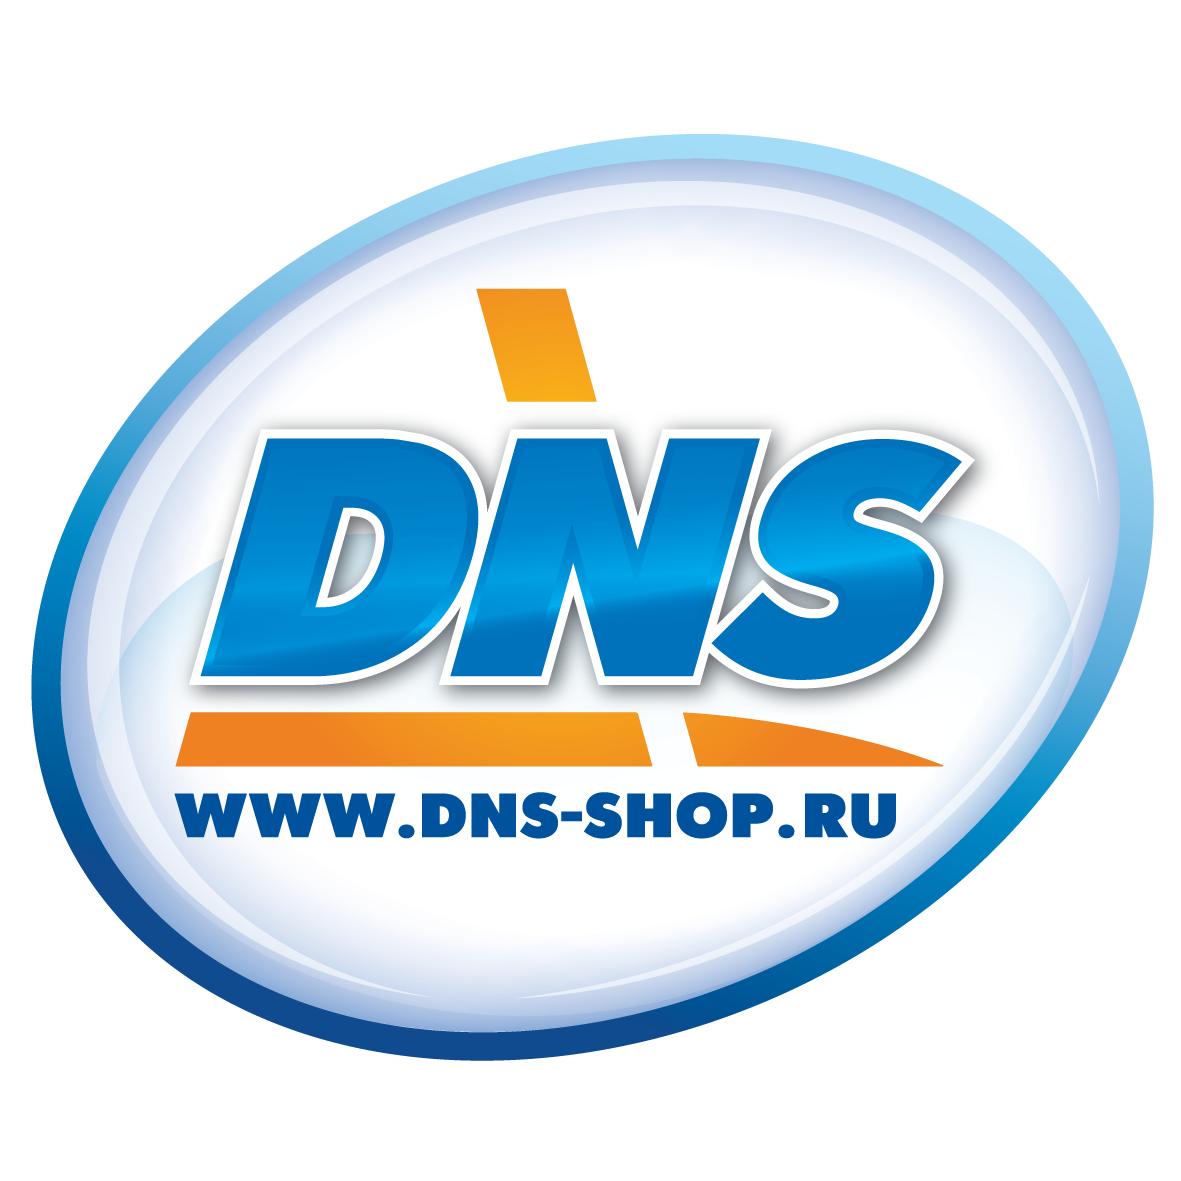 1911a20debf52 DNS, сеть цифровых супермаркетов в Красноярске на Телевизорная, 1 ст4 —  отзывы, адрес, телефон, фото — Фламп